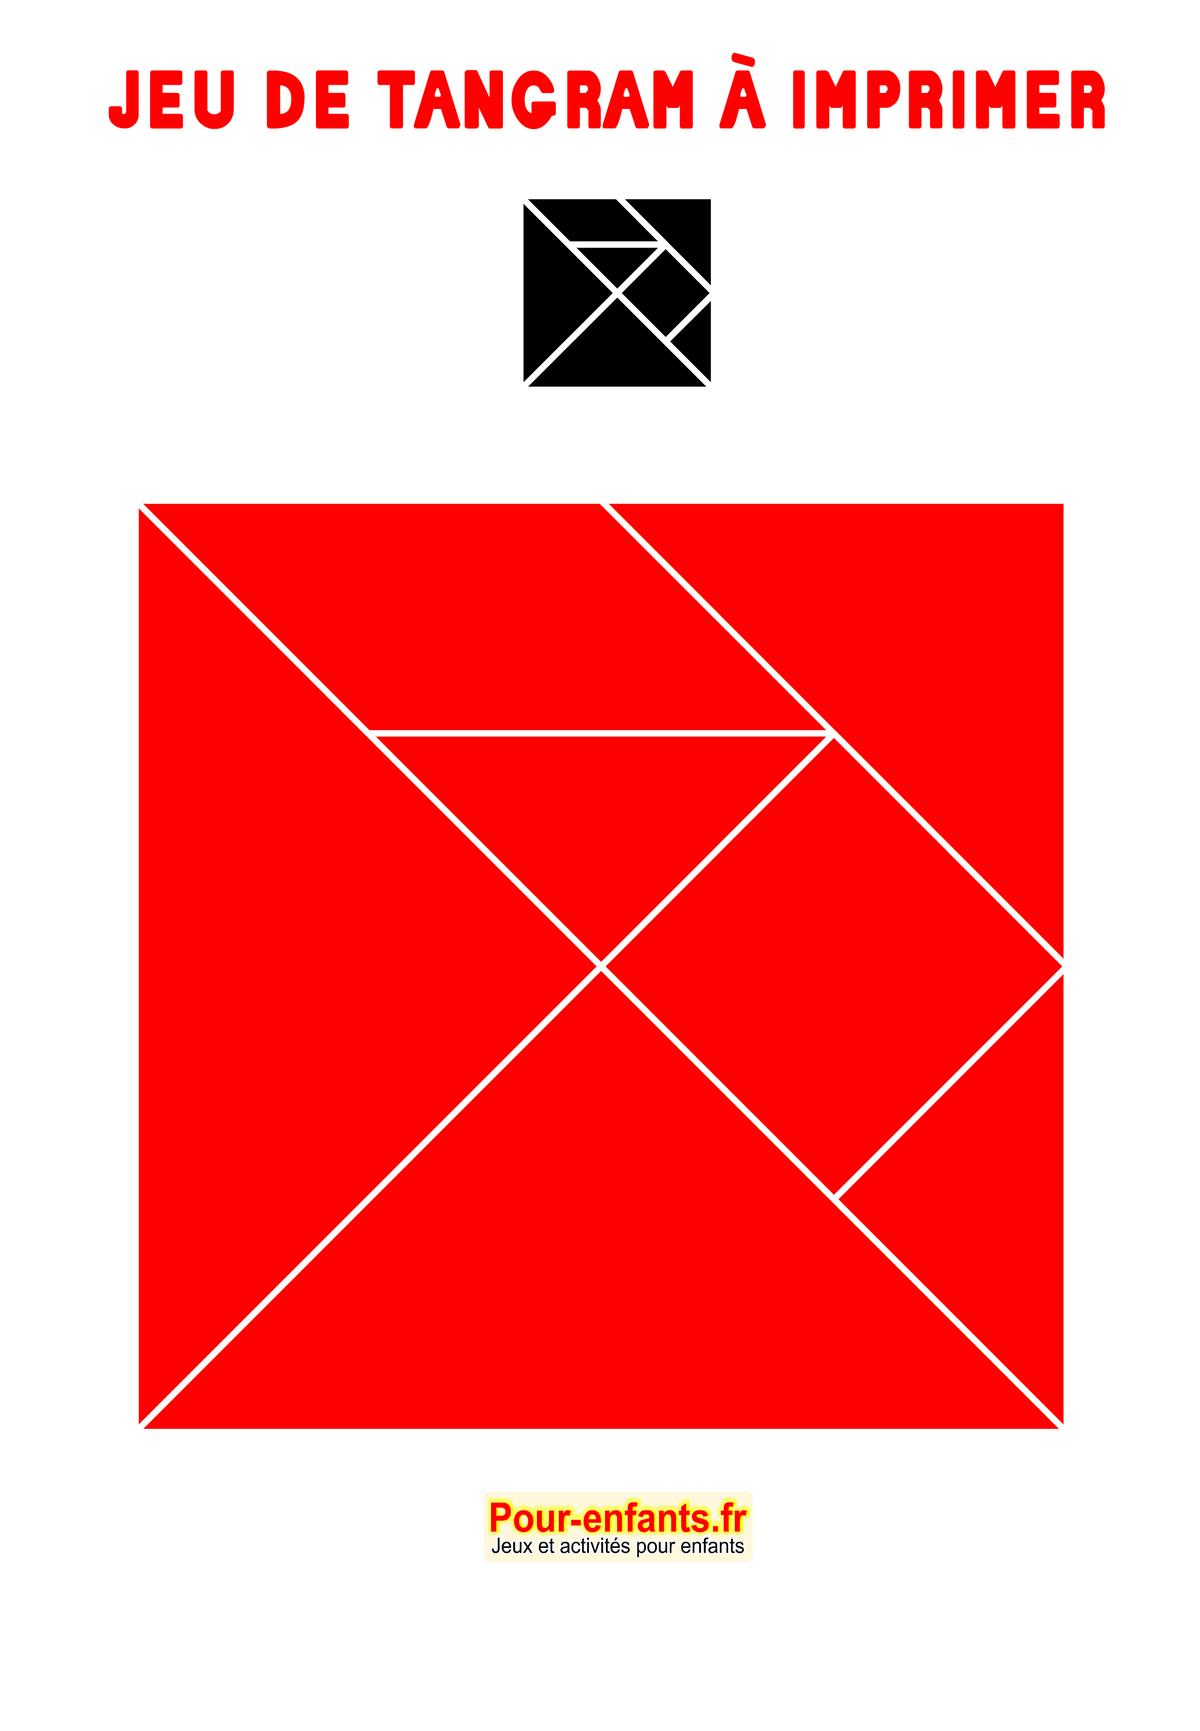 Tangram À Imprimer Maternelle Gratuit Jeux Tangrams destiné Jeu De Tangram À Imprimer